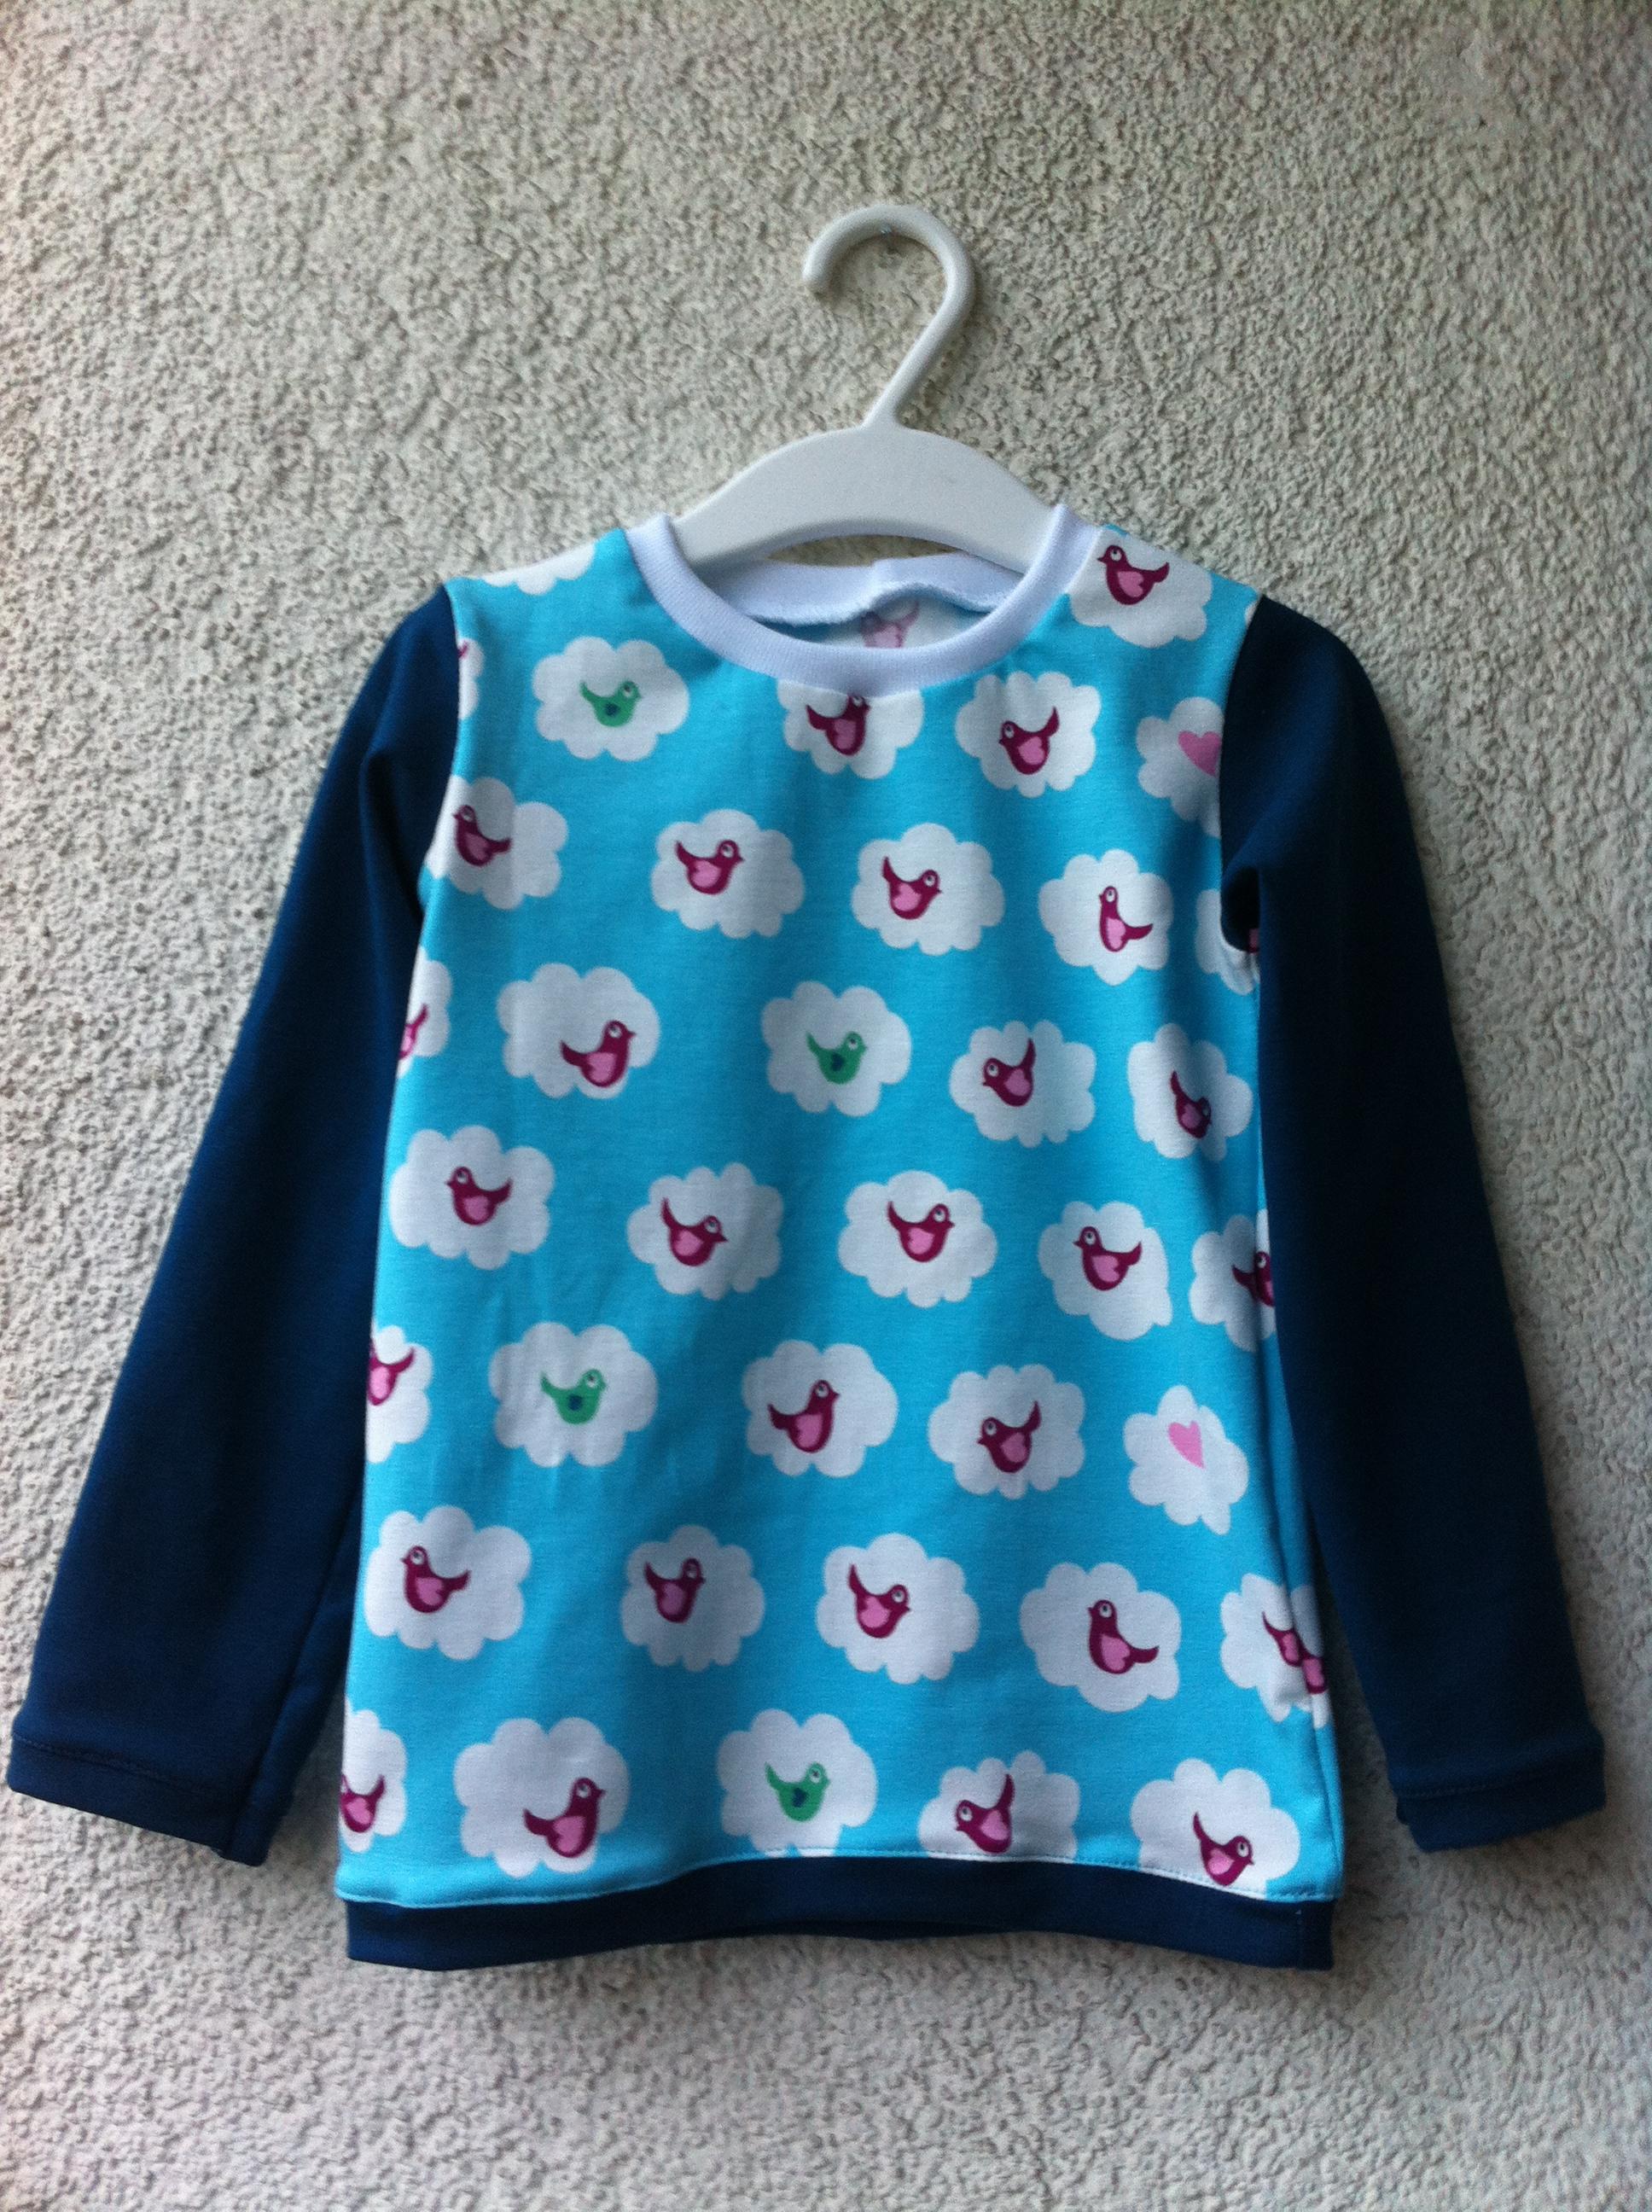 Vogelshirt